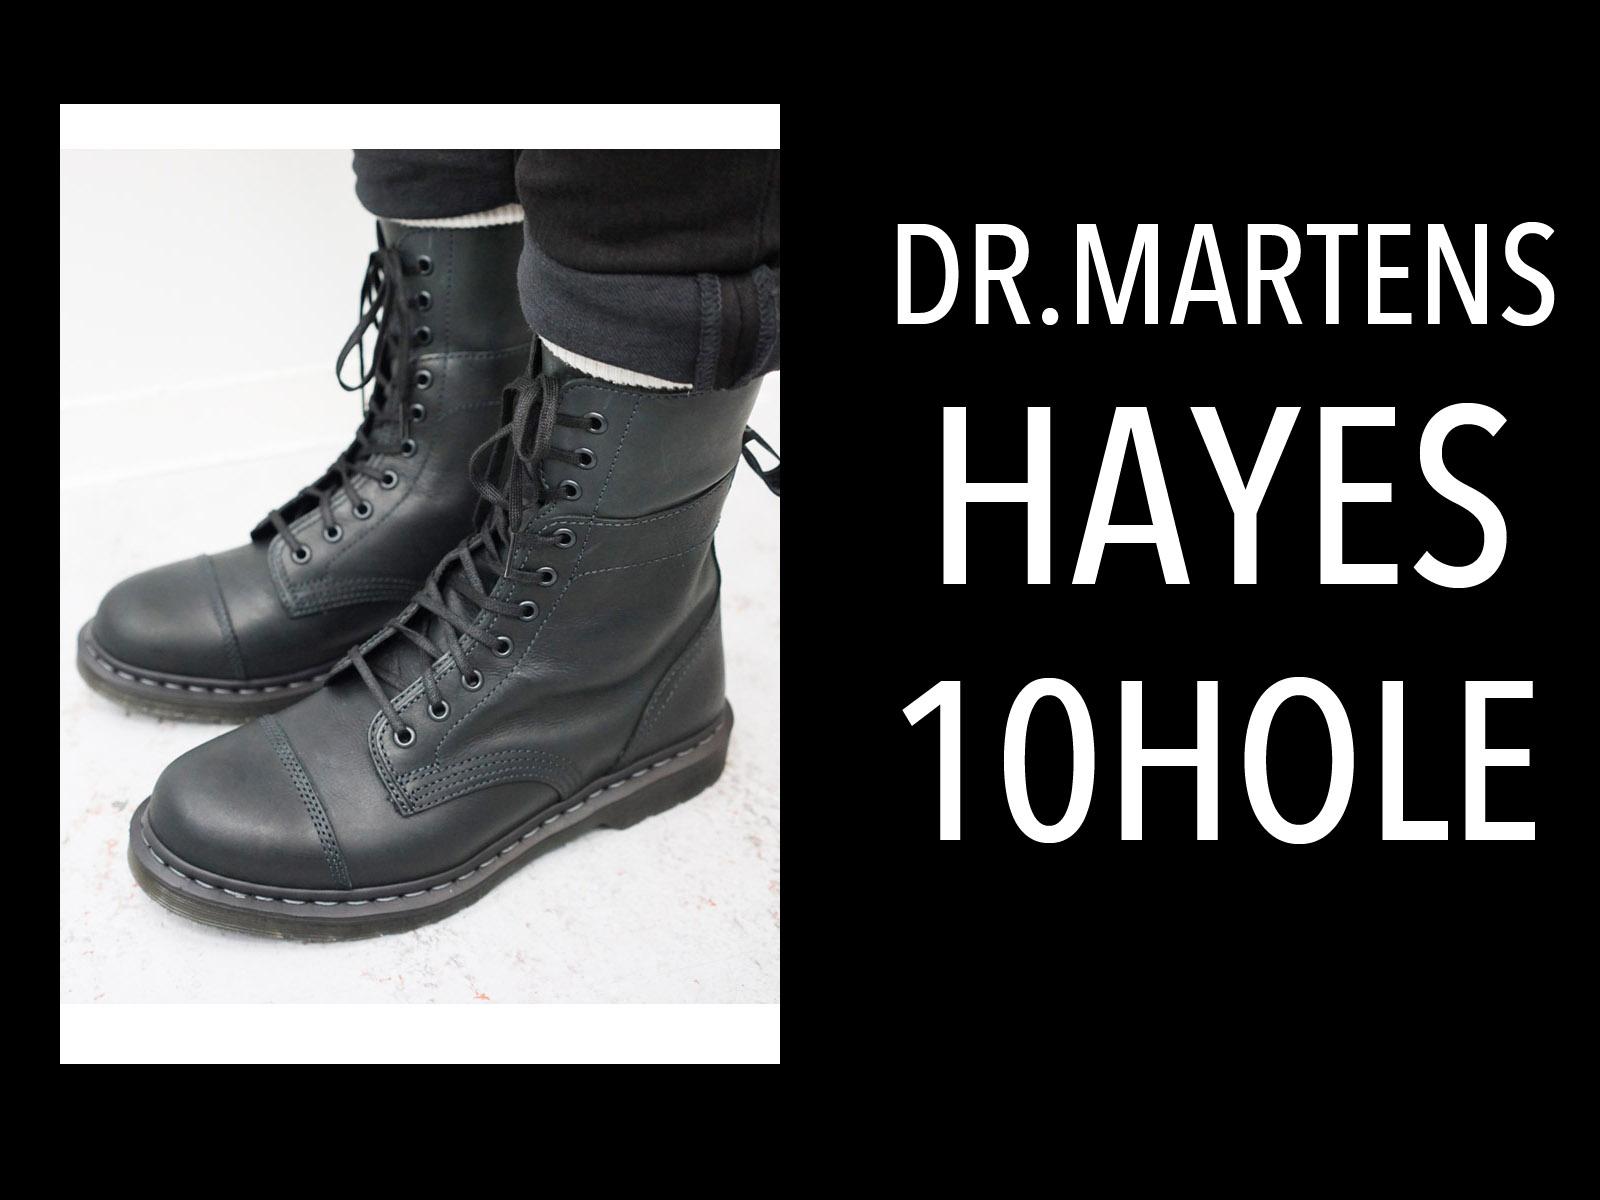 DR.MARTENS AW15